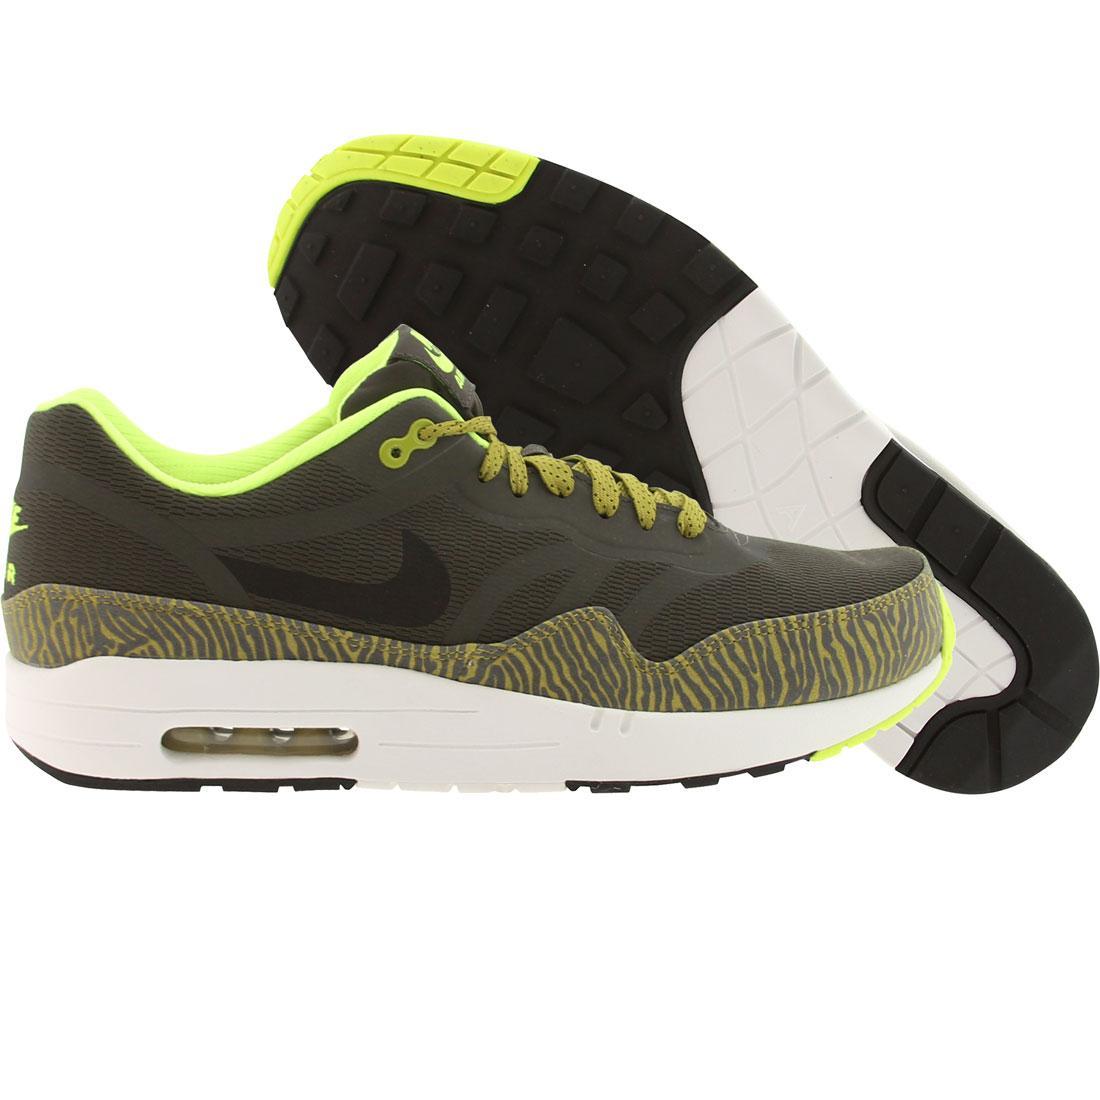 599514-007 Nike Men Air Max / 1 Premium Tape (nwsprnt / Max schwarz / prcht gld / smmt w b55565